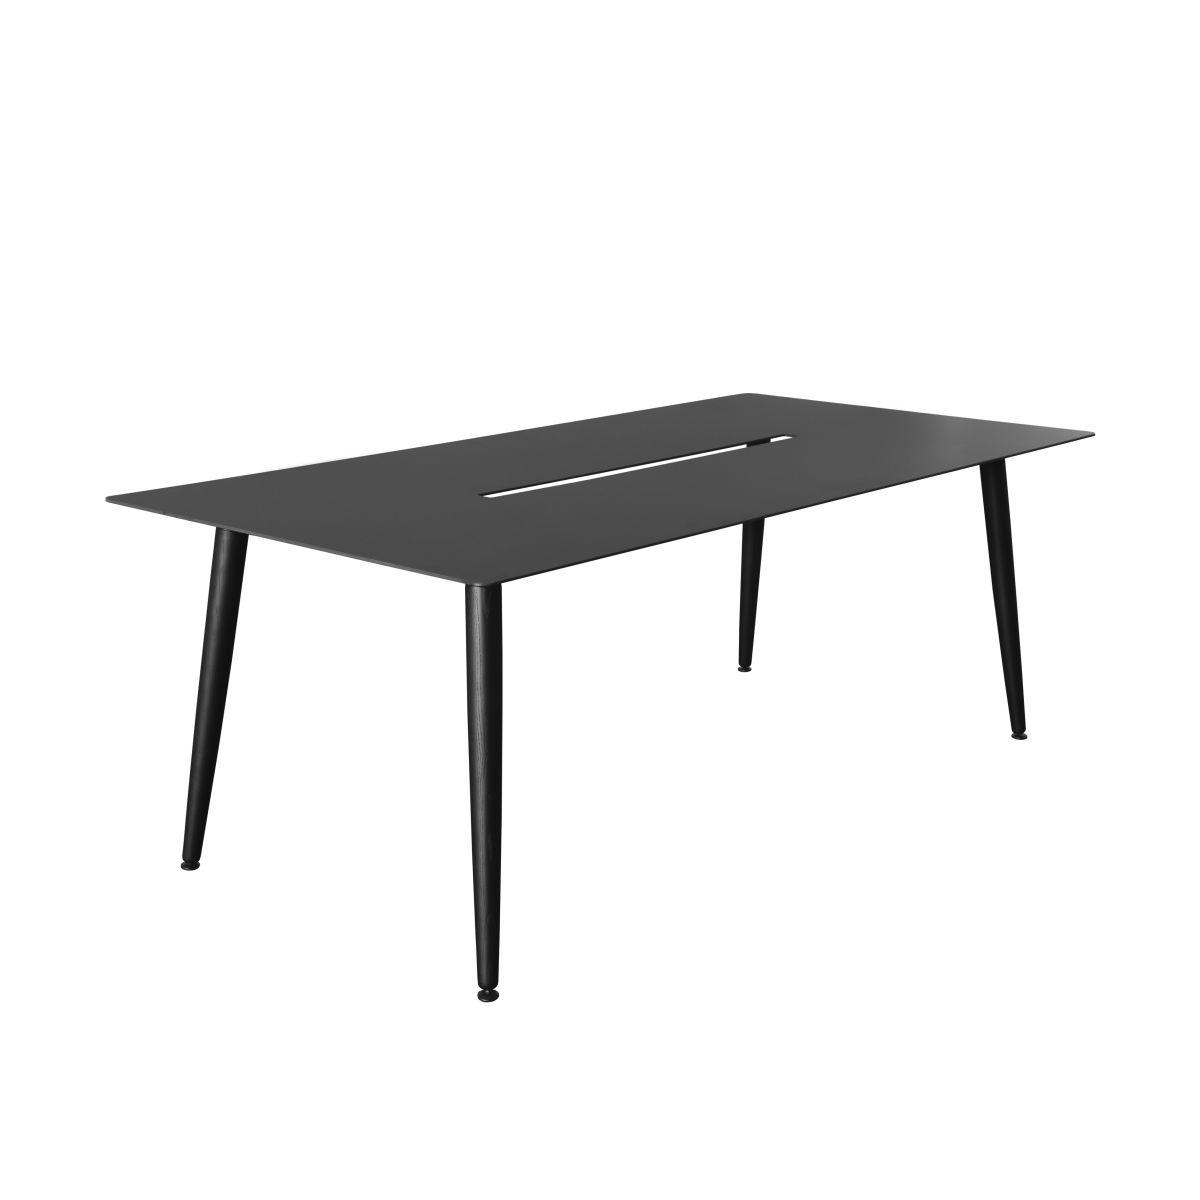 Tisch Babila schwarz, 2m, mit Kabelkanal